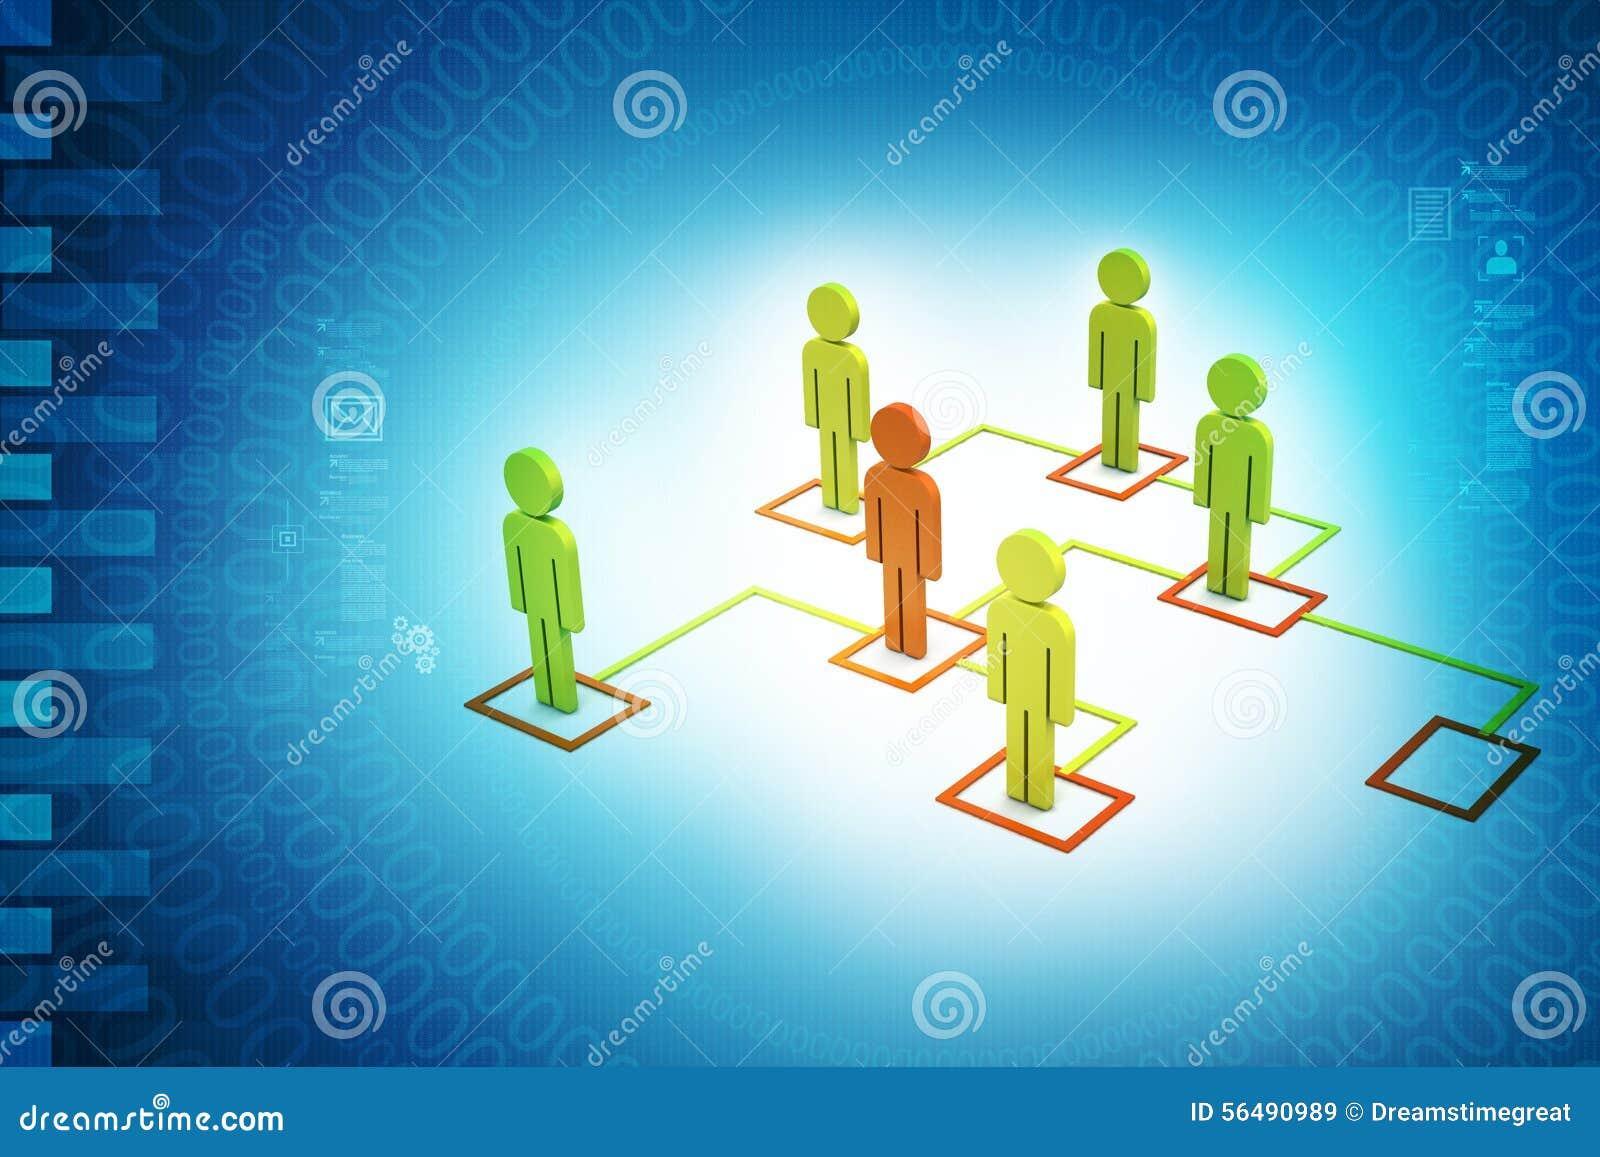 Les gens 3d liés au réseau social